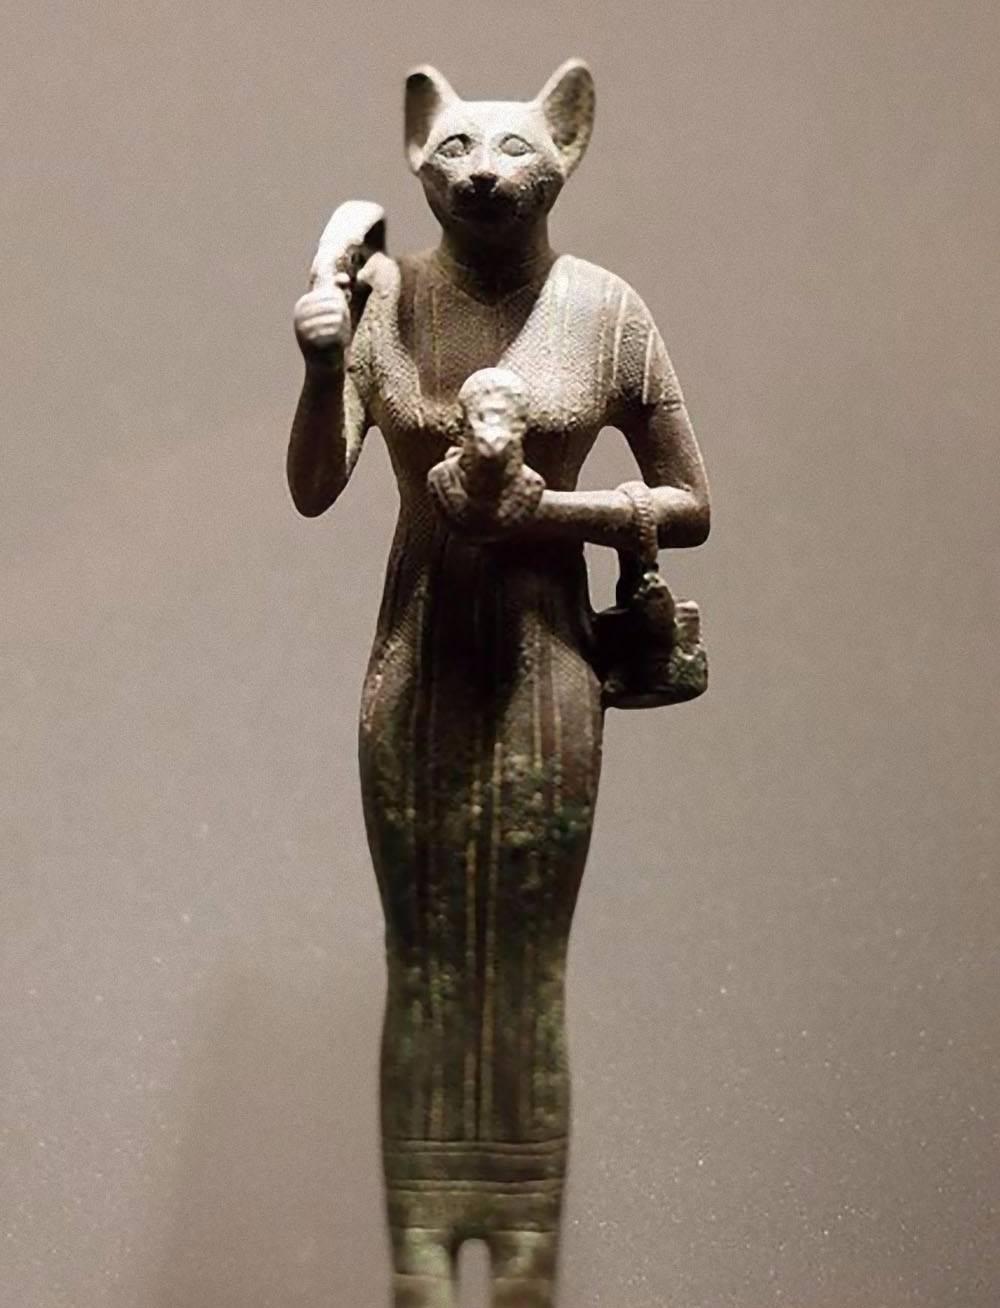 Что означает египетская богиня с головой кошки